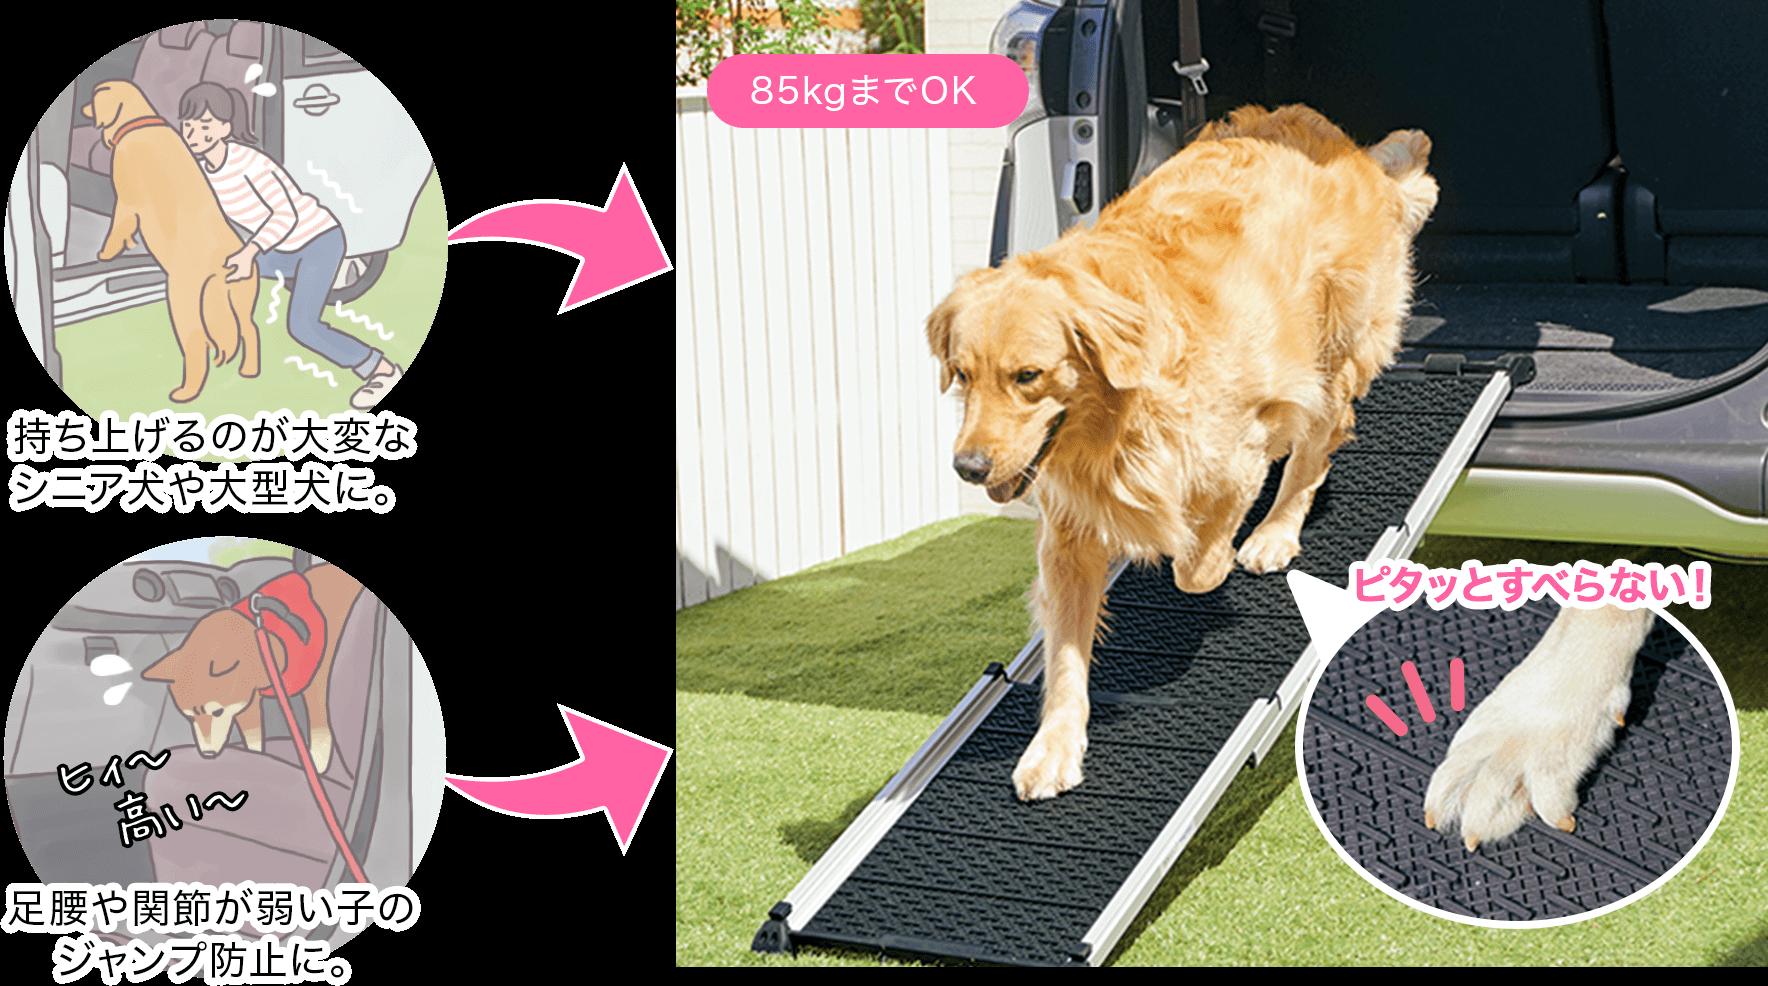 ドッグスロープ 持ち上げるのが大変なシニア犬や大型犬に。足腰や関節が弱い子のジャンプ防止に。85kgまでOKピタッとすべらない!